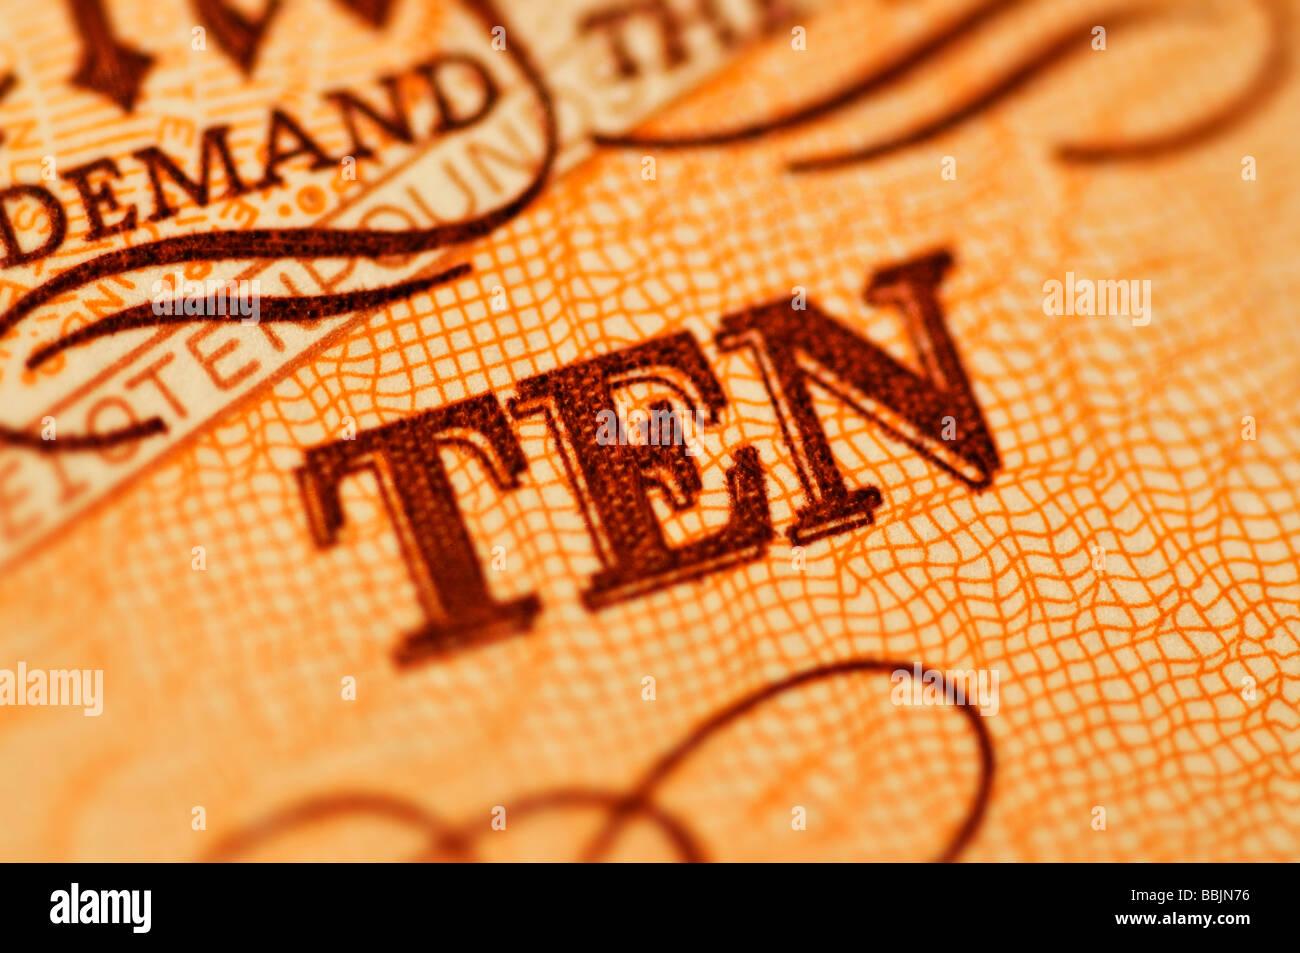 Ten pound note - Stock Image